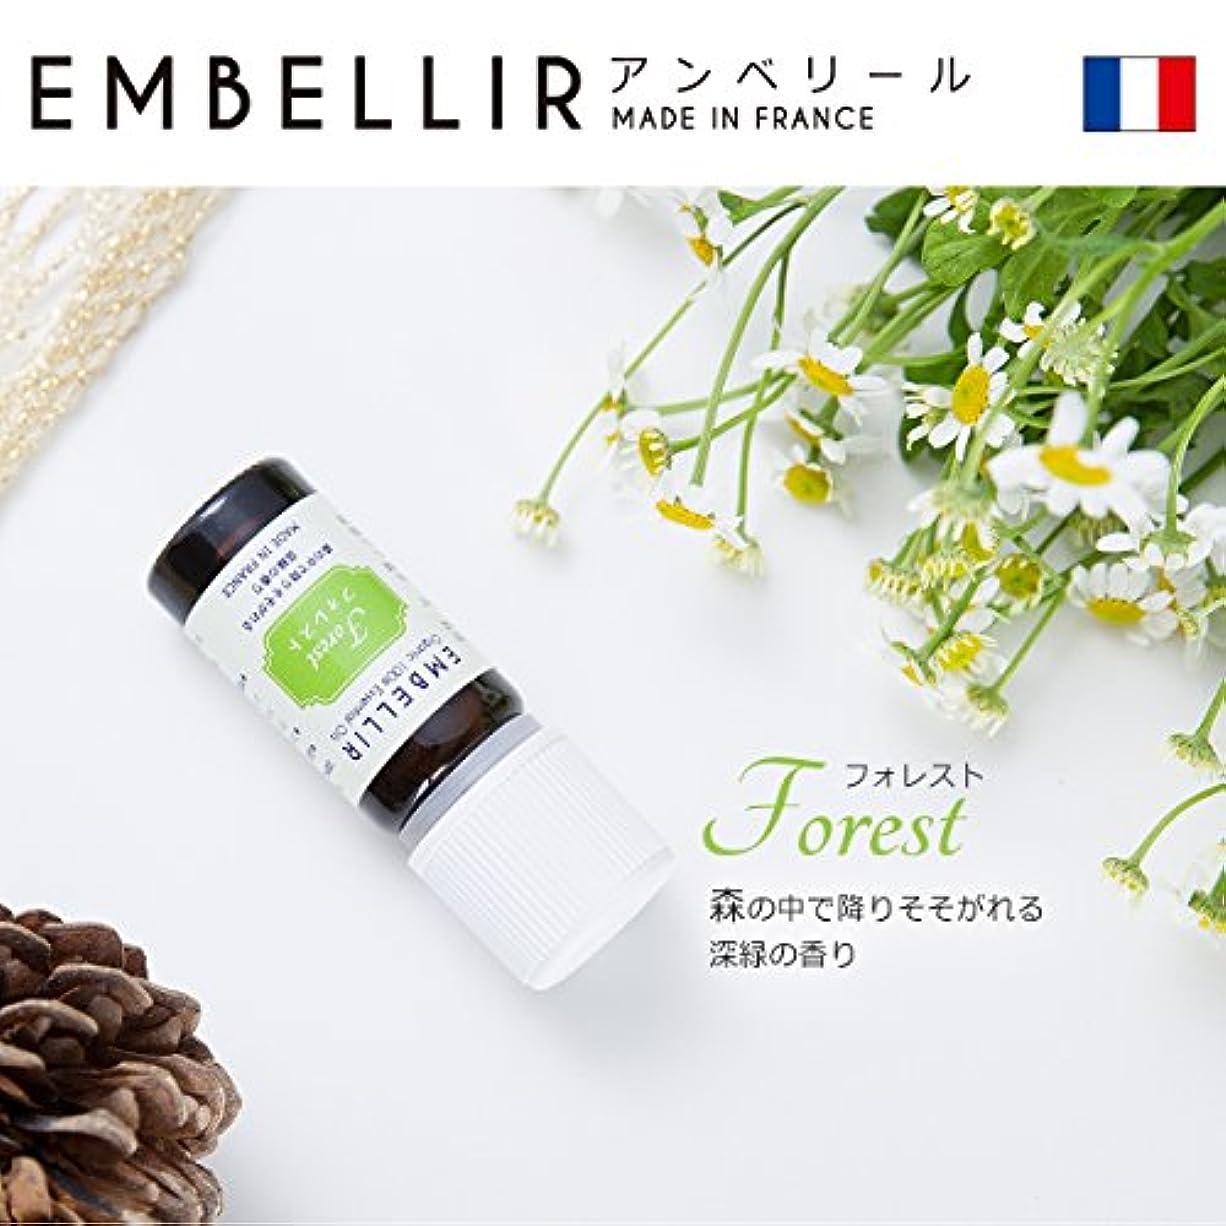 四分円守る枯渇WY エッセンシャルオイル フランス産 オーガニック100% アロマオイル 全4種類 WY-AROMA (フォレスト)